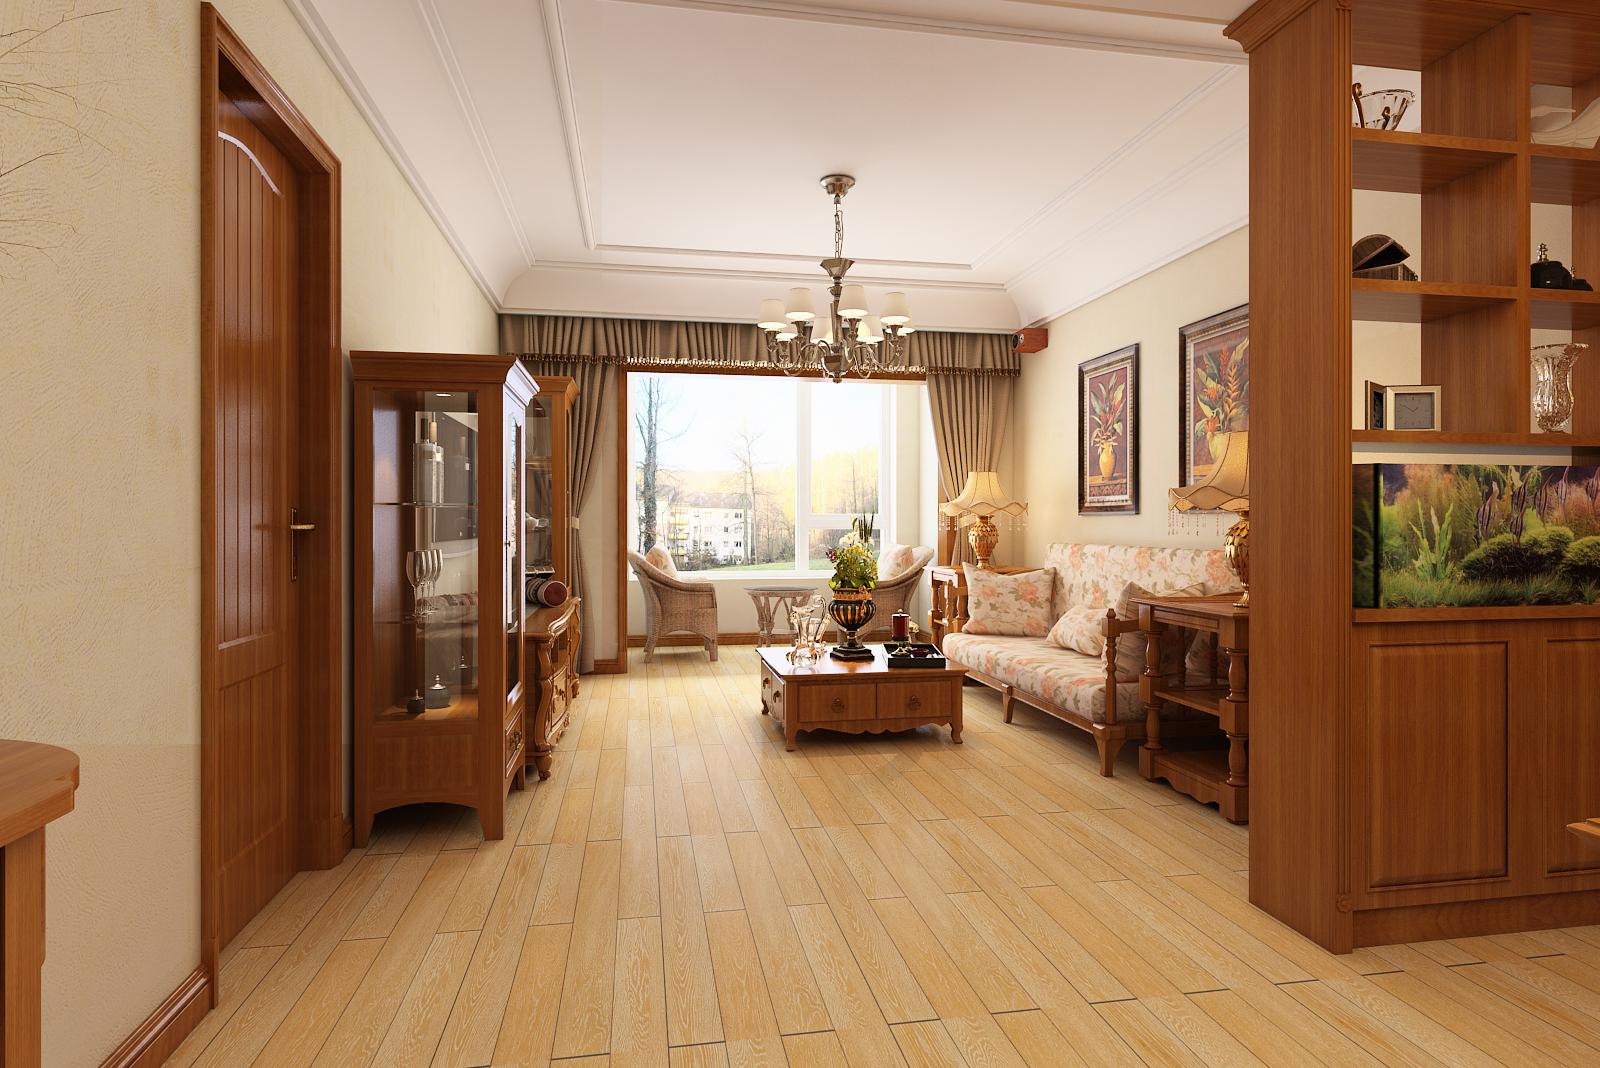 简约 混搭 高度国际 三居 别墅 白领 80后 白富美 高富帅 客厅图片来自北京高度国际装饰设计在时尚潮流,让您的家与众不同的分享